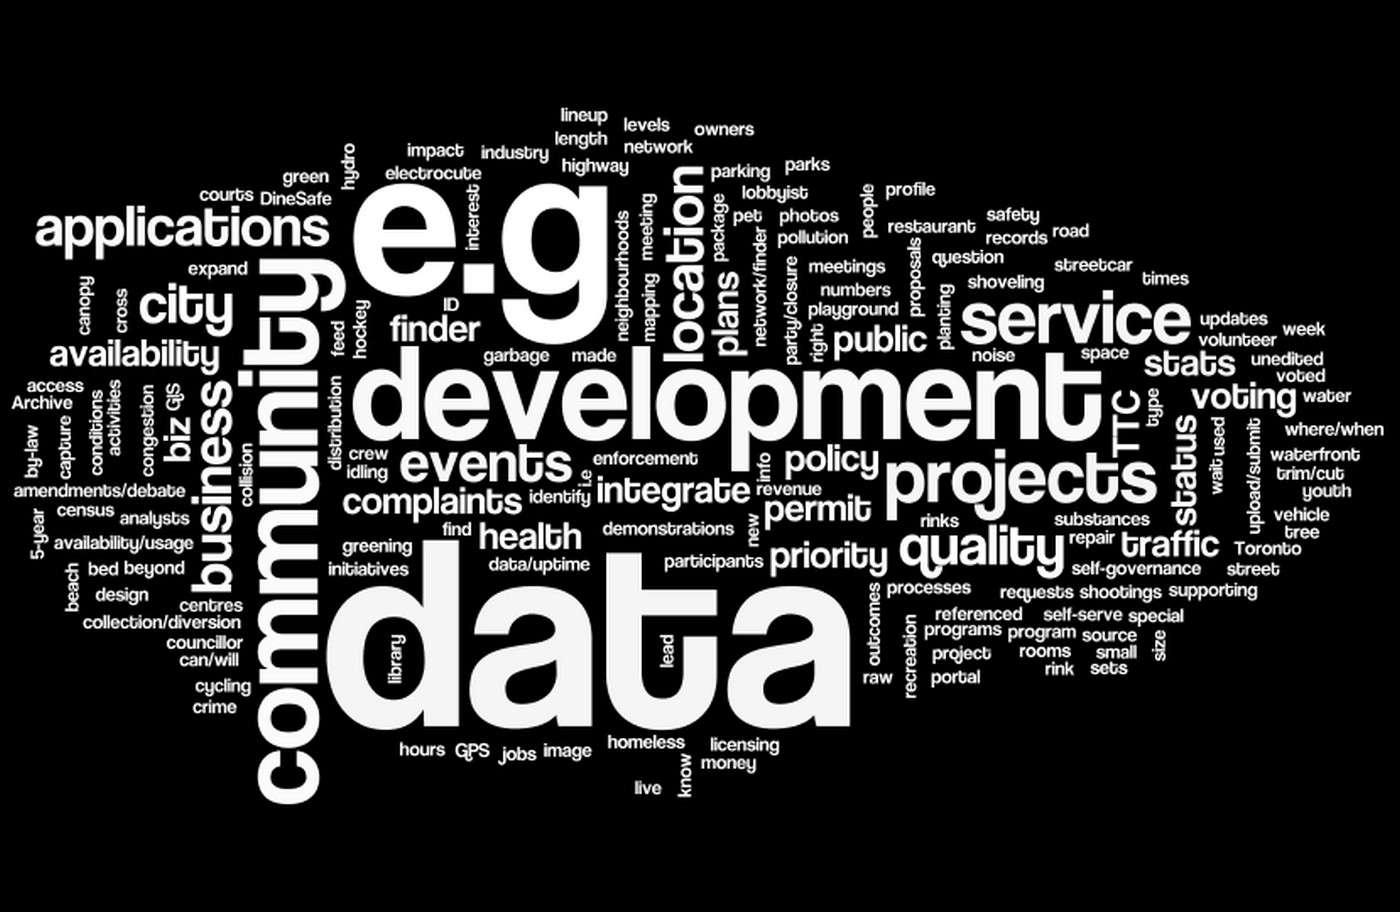 L'open data est à la fois une pratique de publication des données numériques et une philosophie d'accès et de partage de l'information. © Suzanne Long, Flickr, CC by-sa 2.0